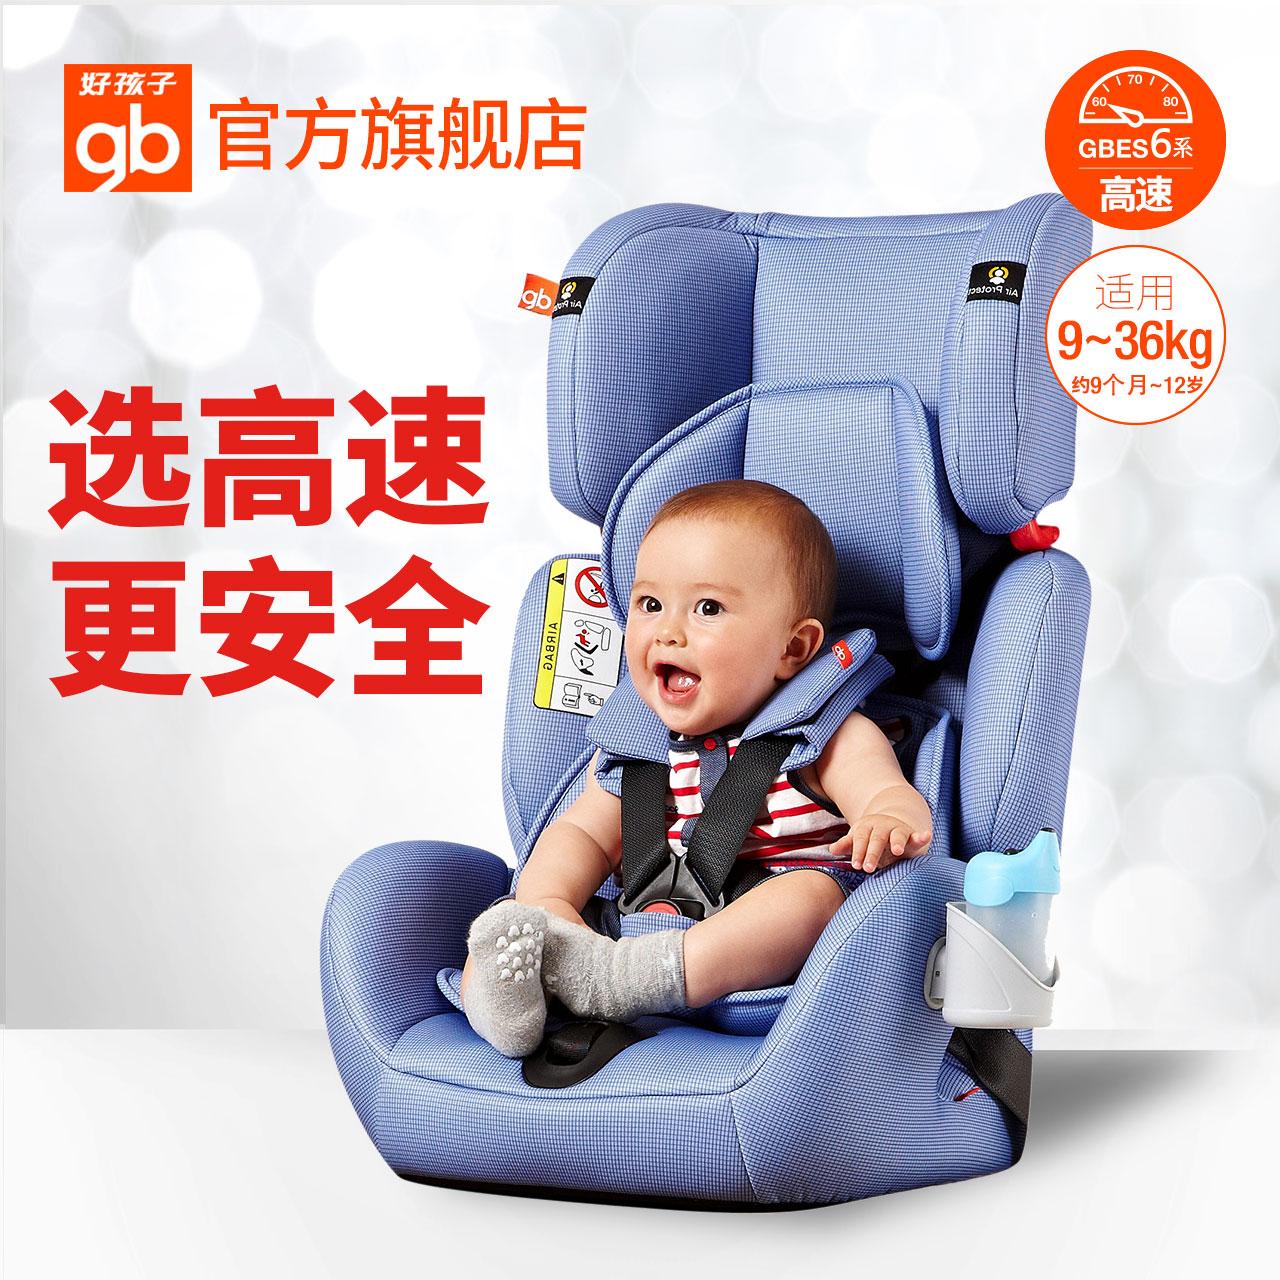 gb好孩子高速汽车儿童安全座椅汽车用GBES吸能宽舒型CS699